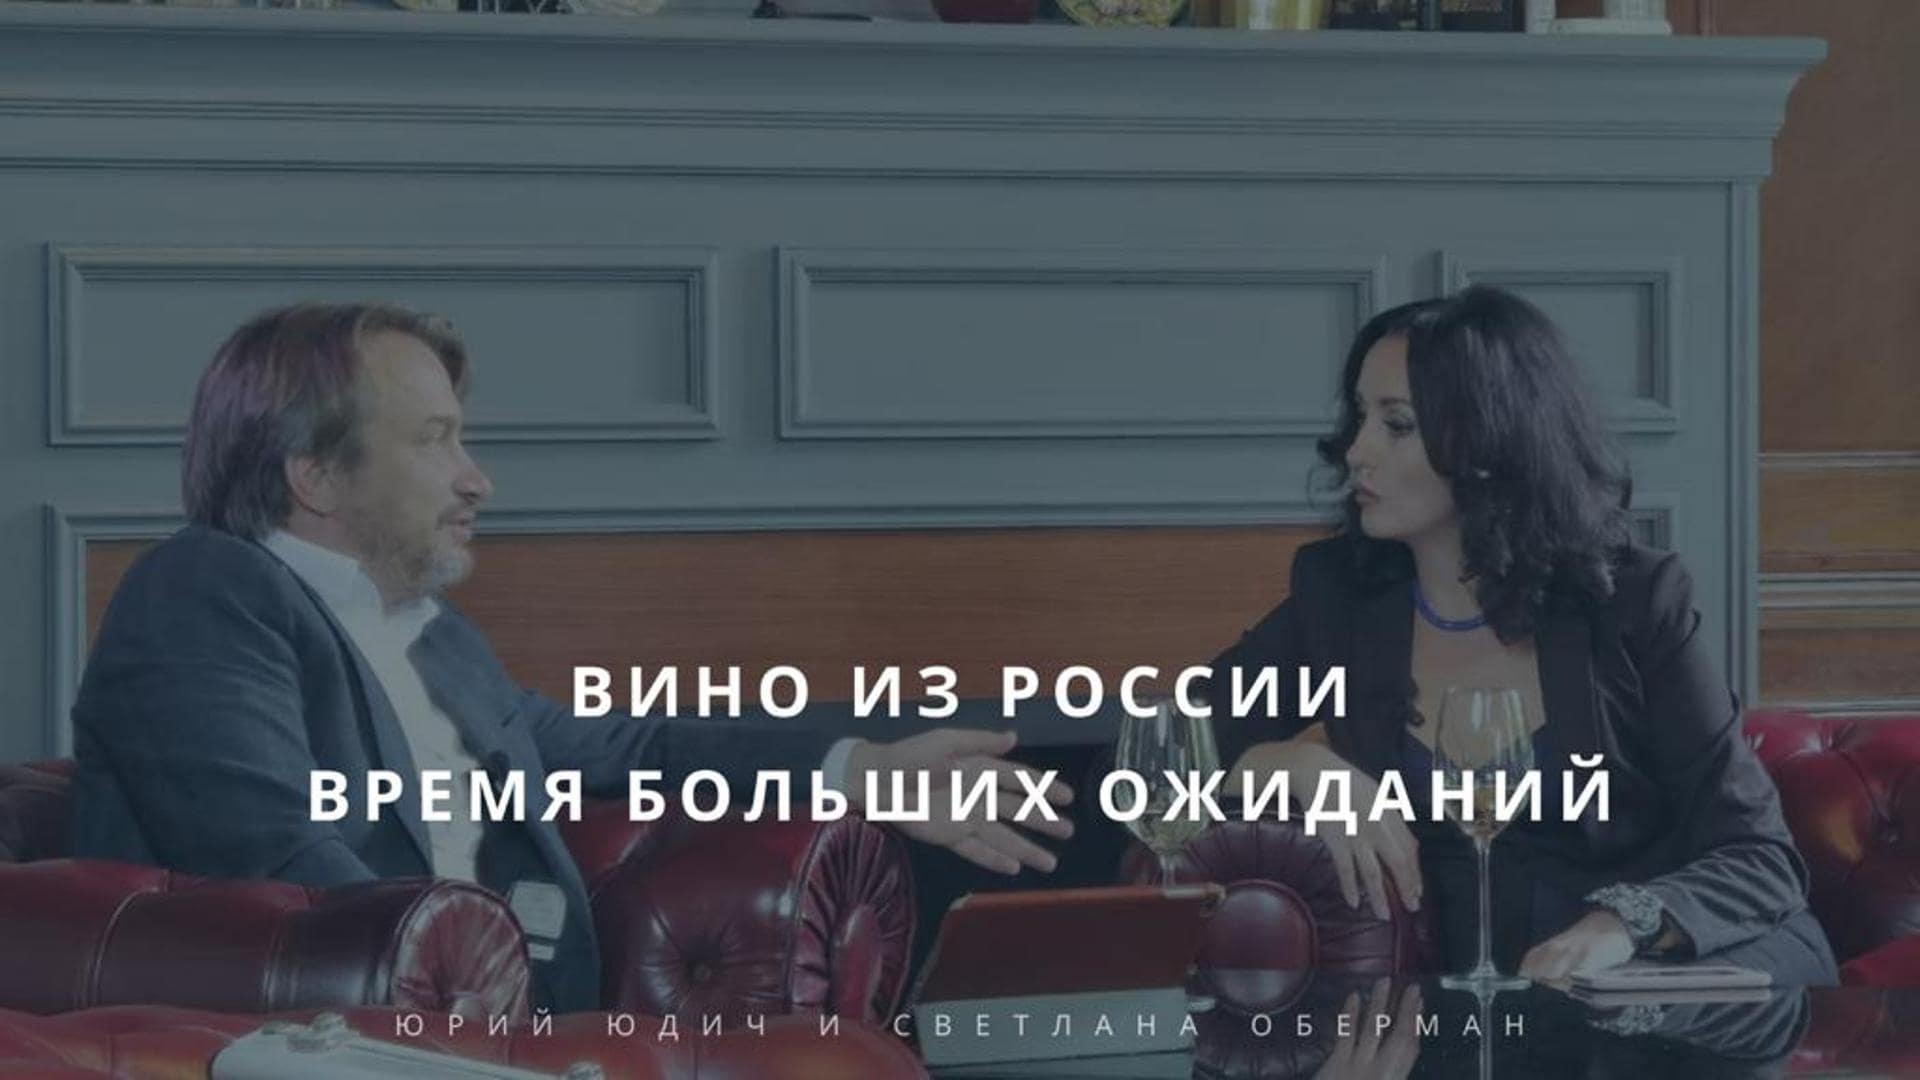 Вино из России. Время больших ожиданий. Премьера фильма.